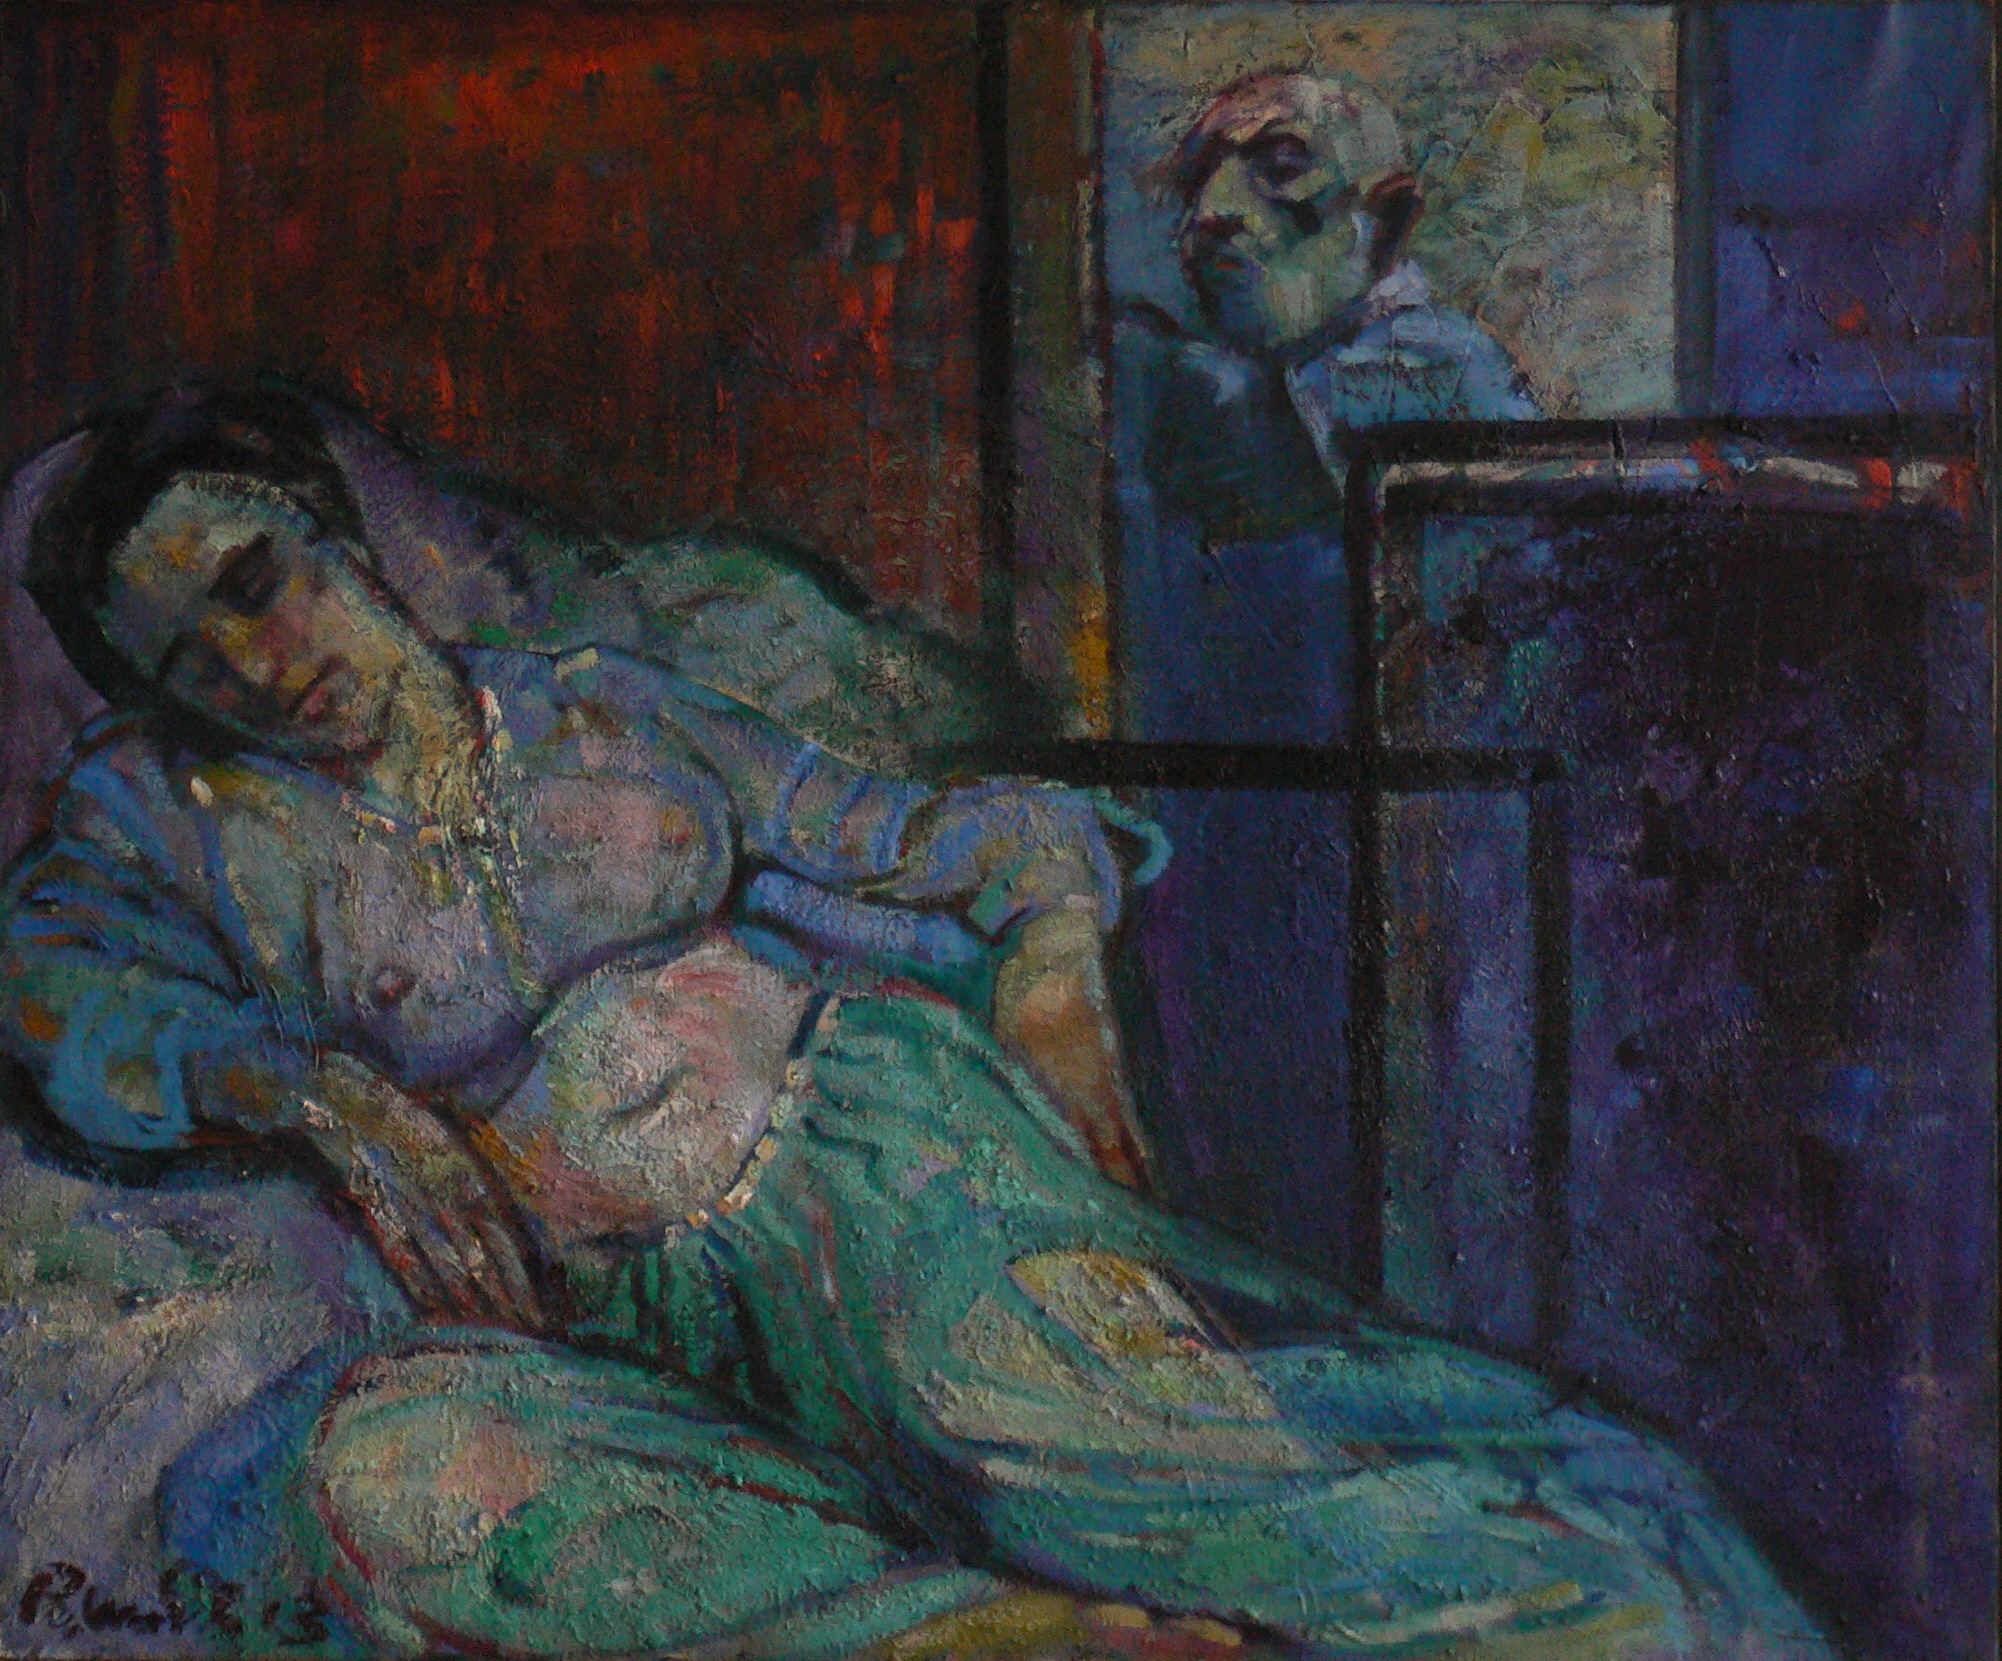 peintre et son modèle  huile sur toile 115x100 cm 2013 VENDU coll. J.Baars Hollande